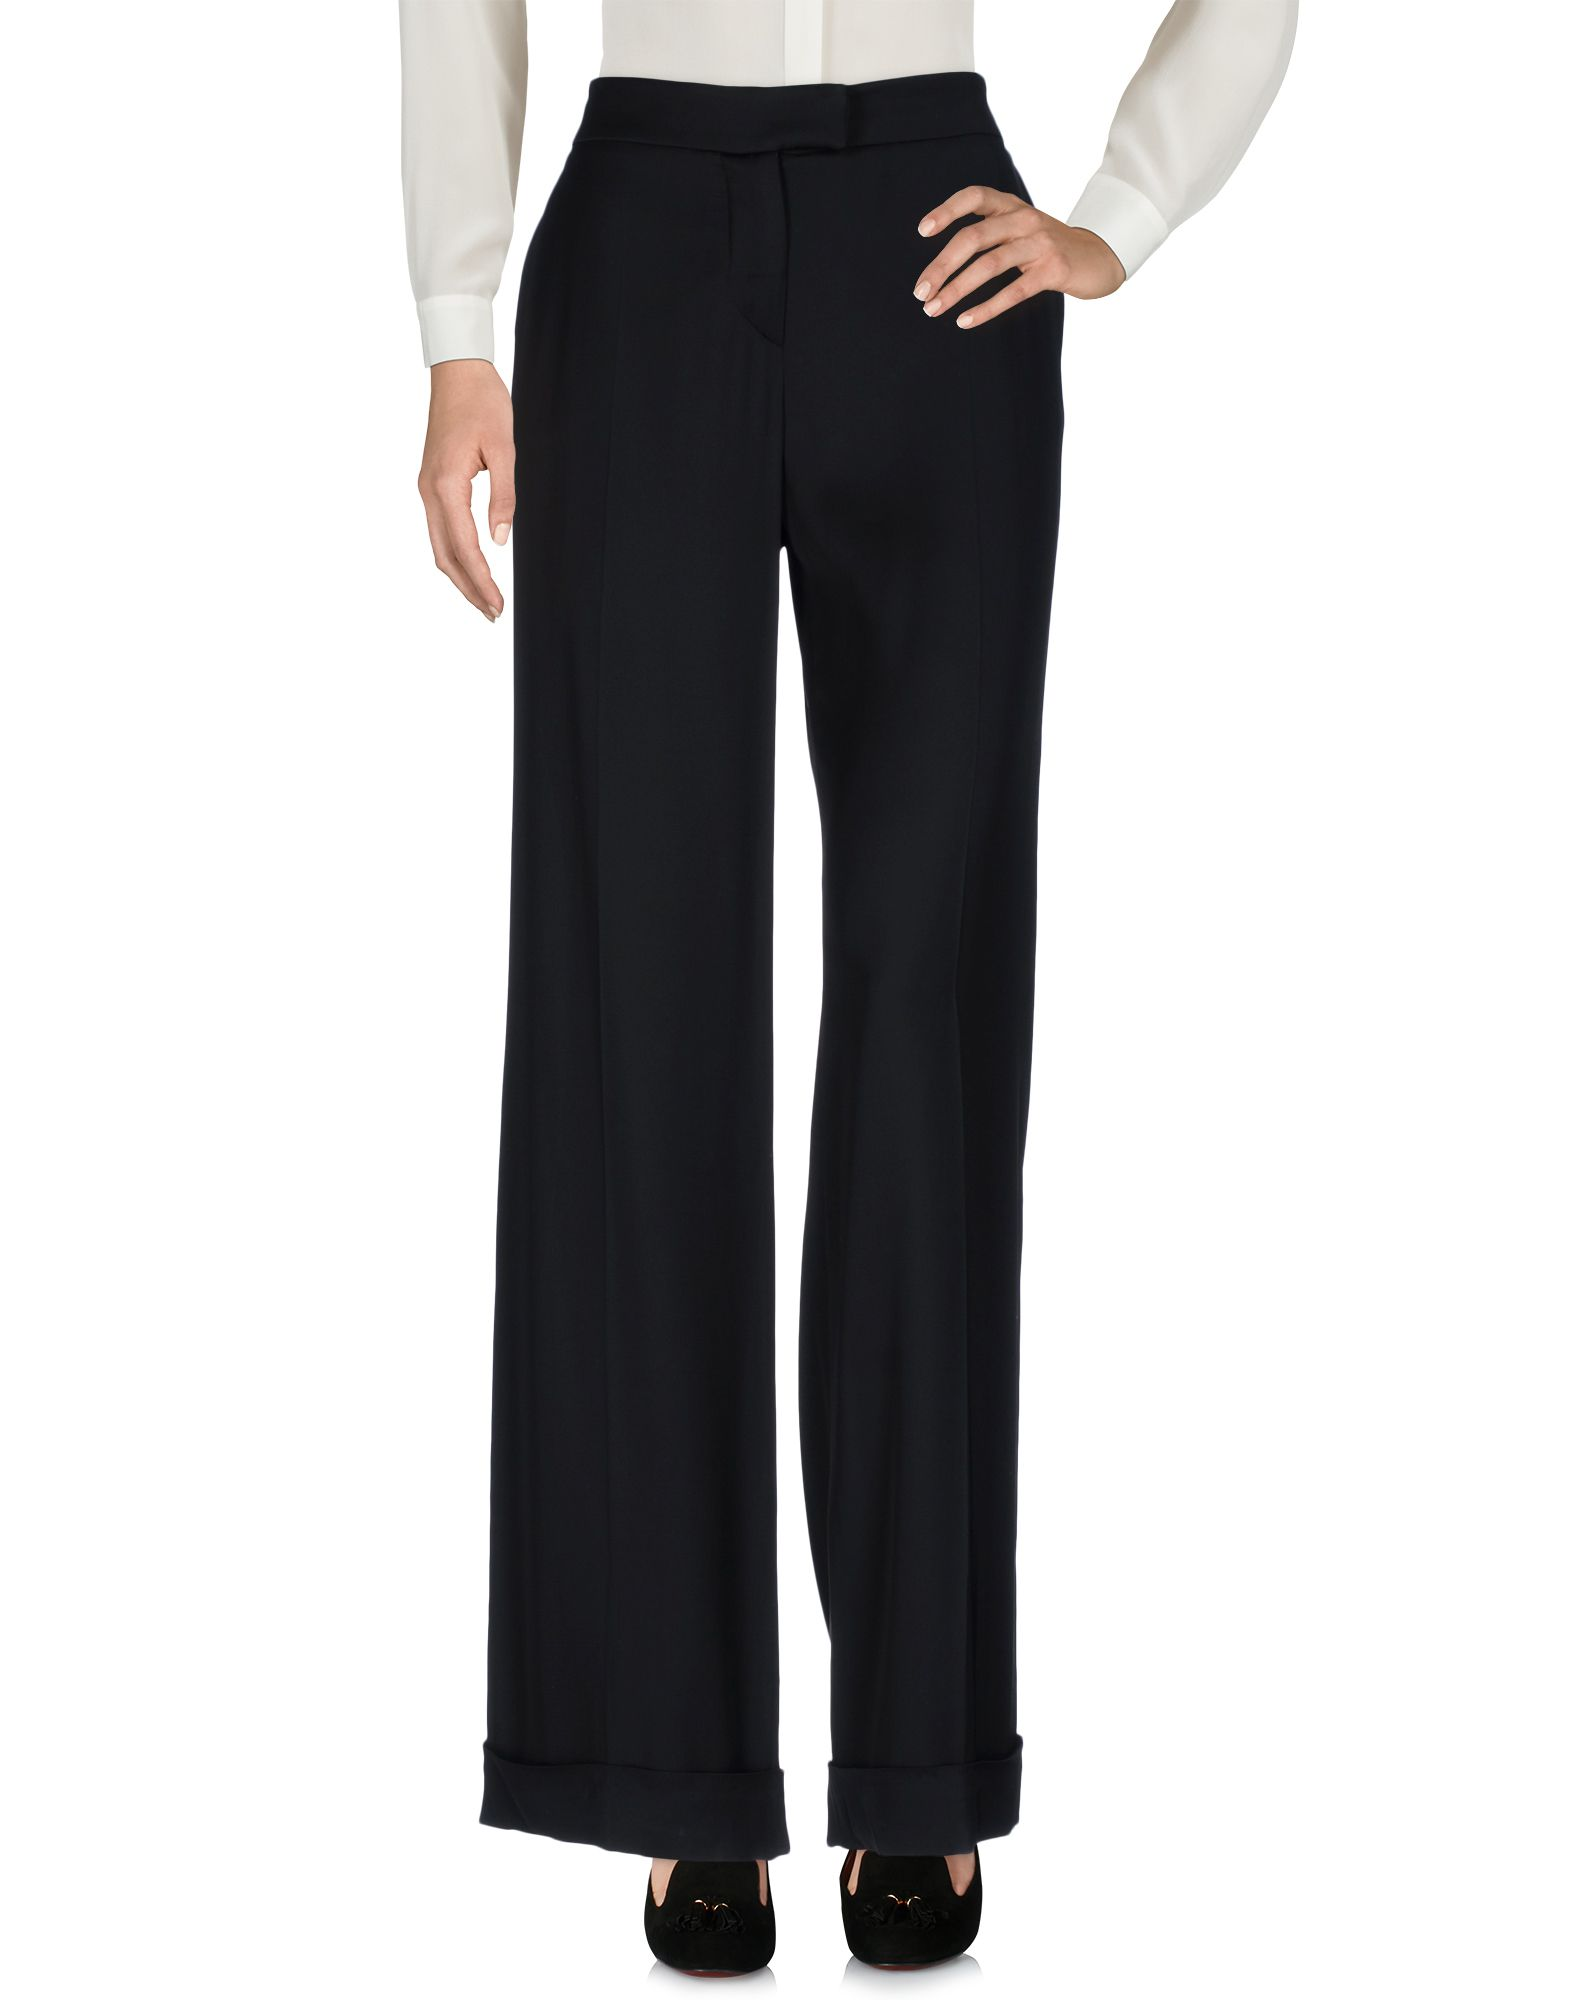 REDValentino Damen Hose Farbe Schwarz Größe 7 - broschei